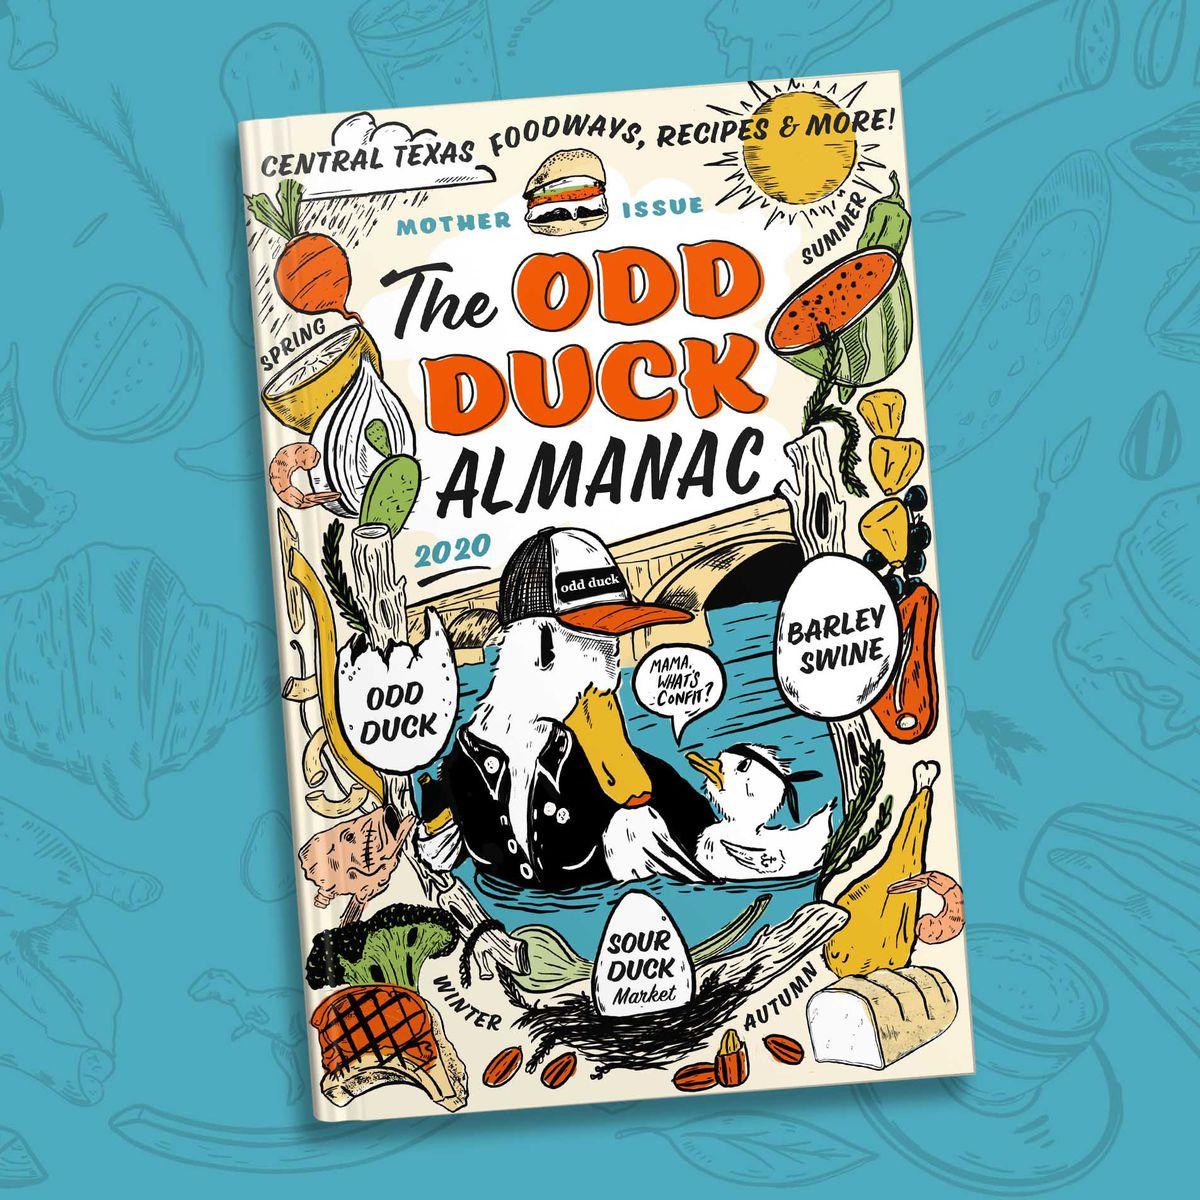 The cover of The Odd Duck Almanac